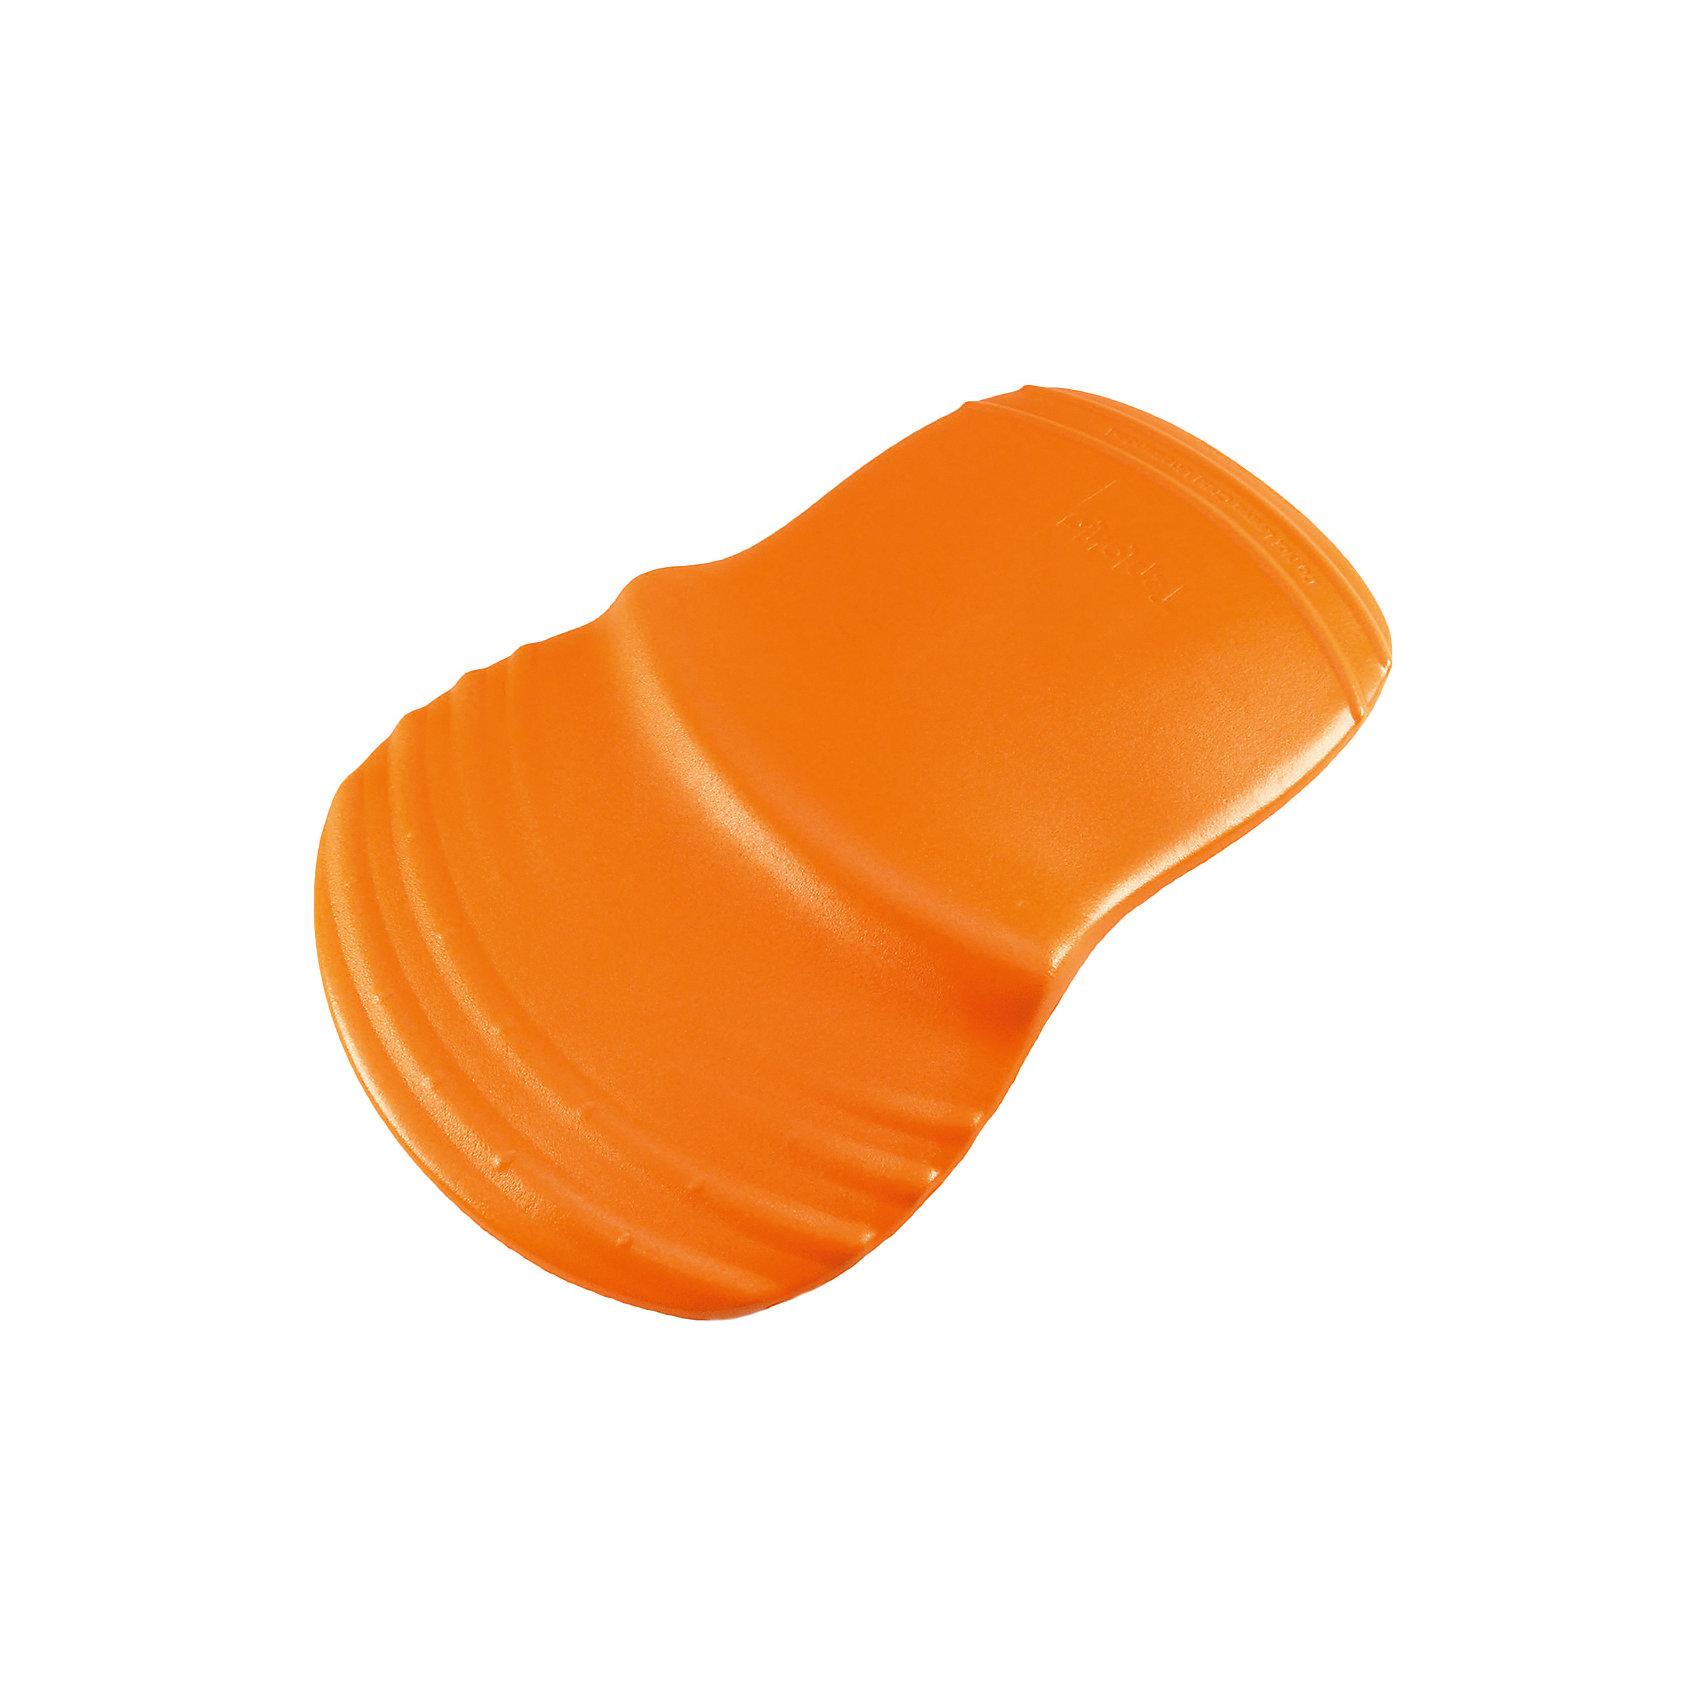 Массажный коврик, Teplokid, оранжевыйВсе для пеленания<br>Безопасность малыша – важная часть игр и развития. Коврик для детей  Teplokid изготовлен из вспененного материала. Верхний слой модели мягкий и приятный на ощупь. Коврик имеет специальные бортики в середине, которые слегка фиксируют малыша в горизонтальном положением, что удобно, например, при массаже. По всему коврику установлены углубления для прохождения воздуха по всей поверхности во избежание опрелостей. Все материалы, использованные при разработке и изготовлении коврика безопасны для использования, отвечают всем требованиям экологичности и качества детских товаров, а так же гипоаллергенны.<br><br>Дополнительная информация:<br><br>цвет: оранжевый.<br><br>Коврики Teplokid для игры и массажа можно приобрести в нашем магазине.<br><br>Ширина мм: 670<br>Глубина мм: 60<br>Высота мм: 400<br>Вес г: 150<br>Возраст от месяцев: 0<br>Возраст до месяцев: 12<br>Пол: Унисекс<br>Возраст: Детский<br>SKU: 4968138